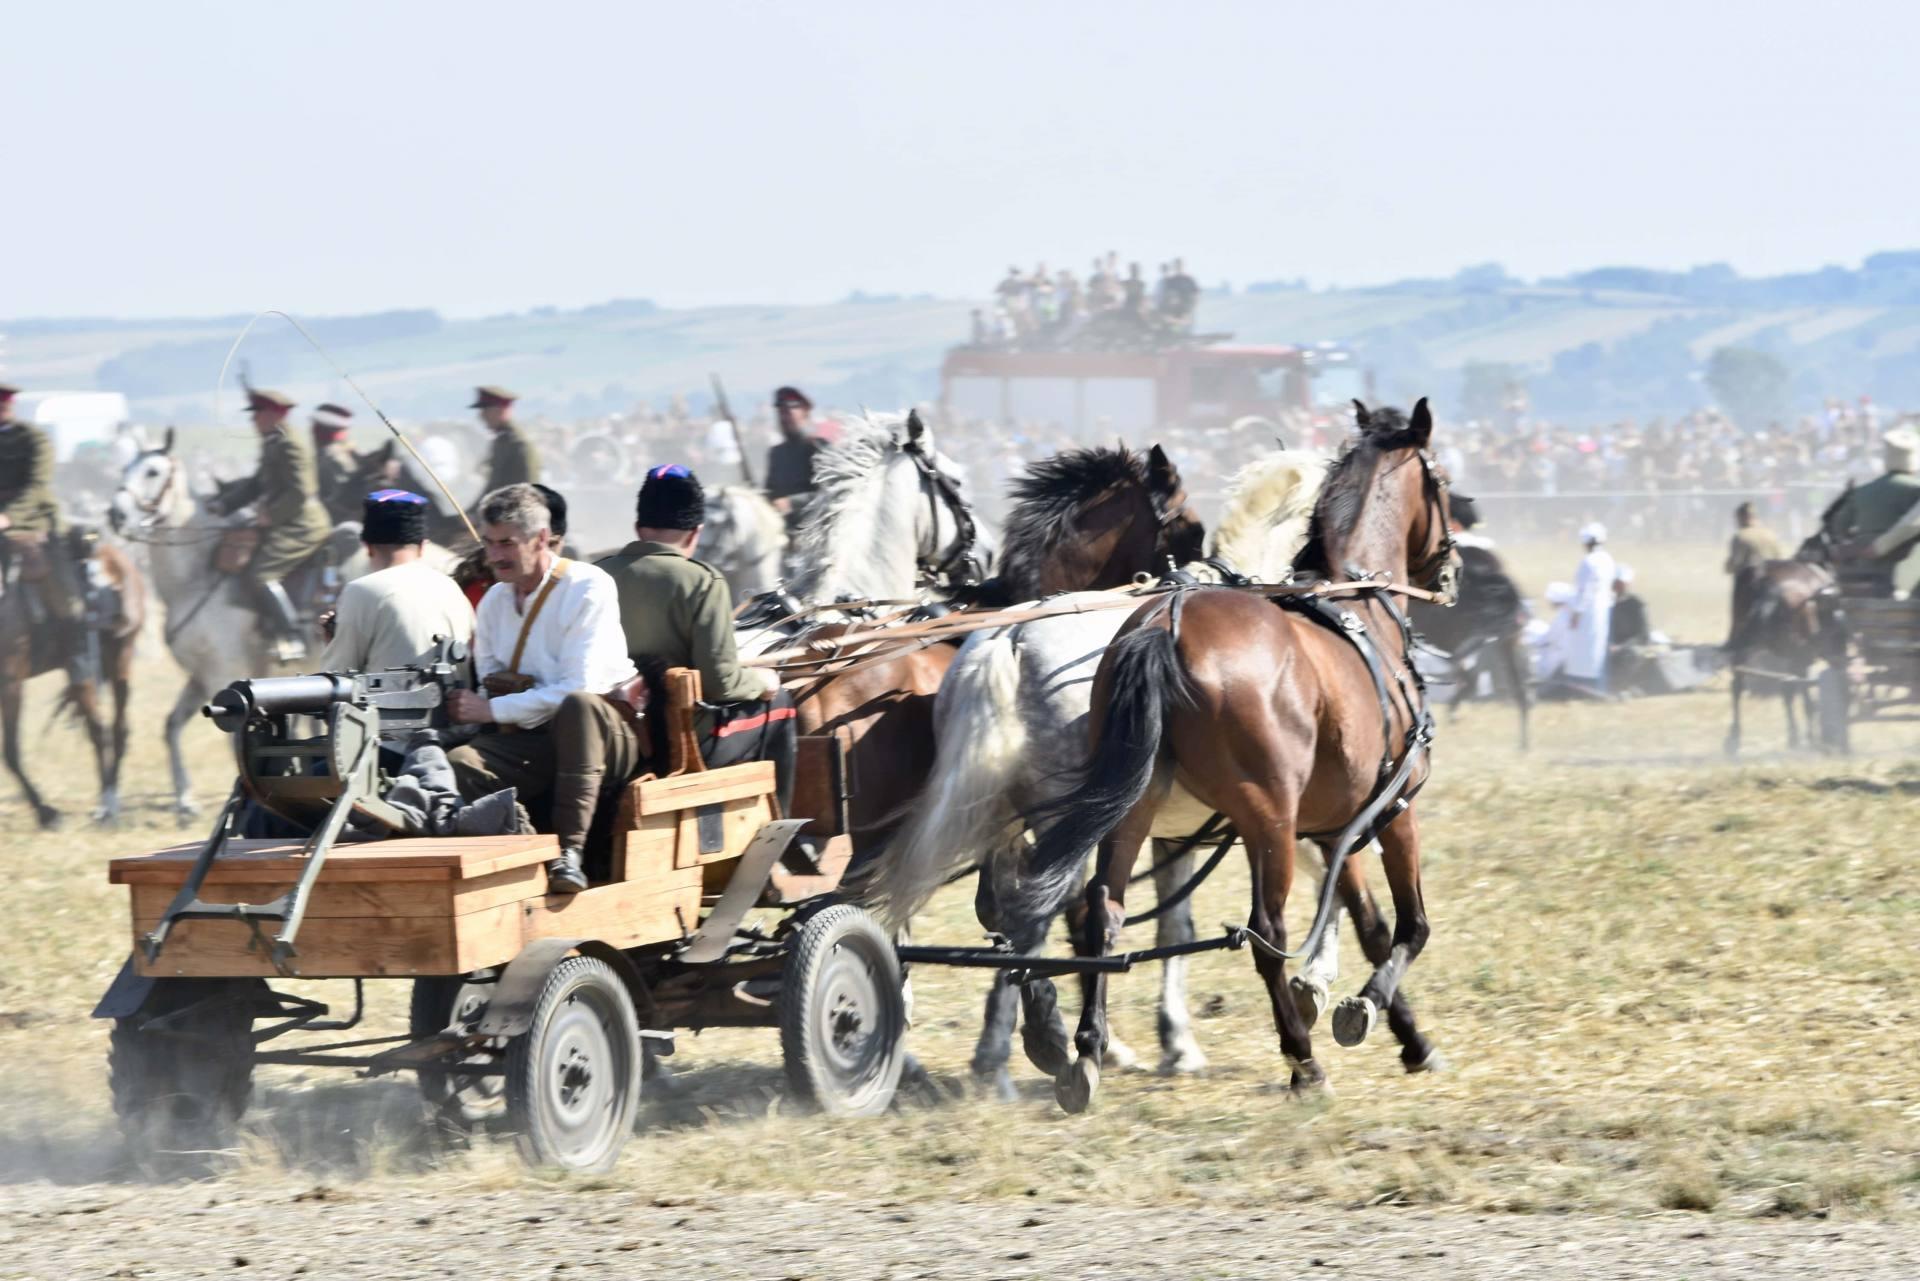 dsc 1091 Czas szabli - 100 rocznica bitwy pod Komarowem(zdjęcia)